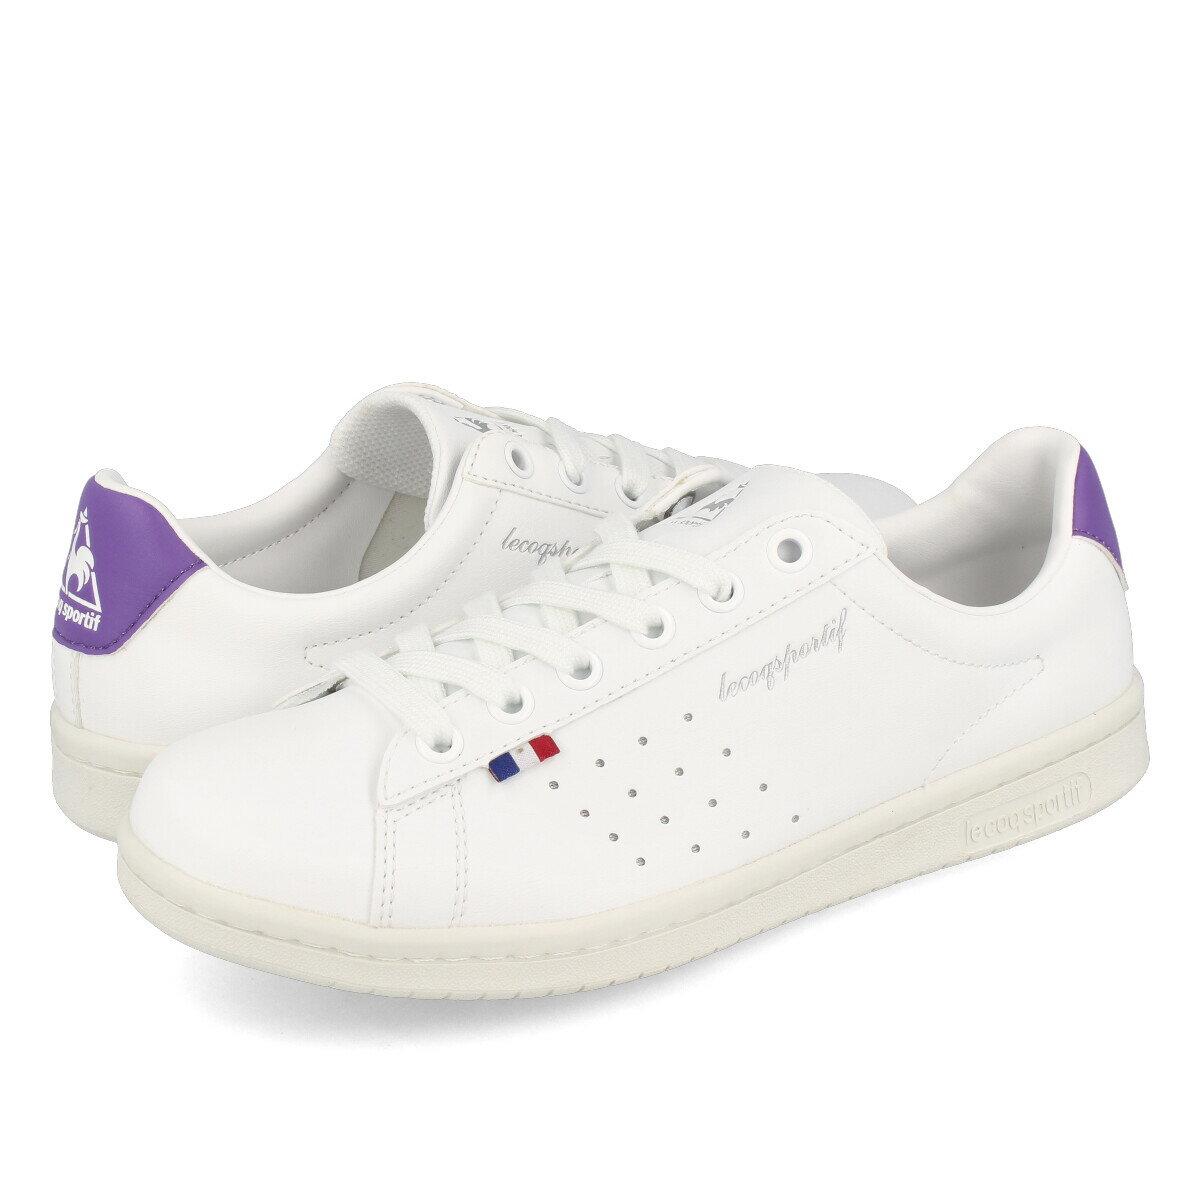 レディース靴, スニーカー le coq sportif LA ROLAND SL FEMININ LA SL WHITEPURPLE QL1SJC04WP